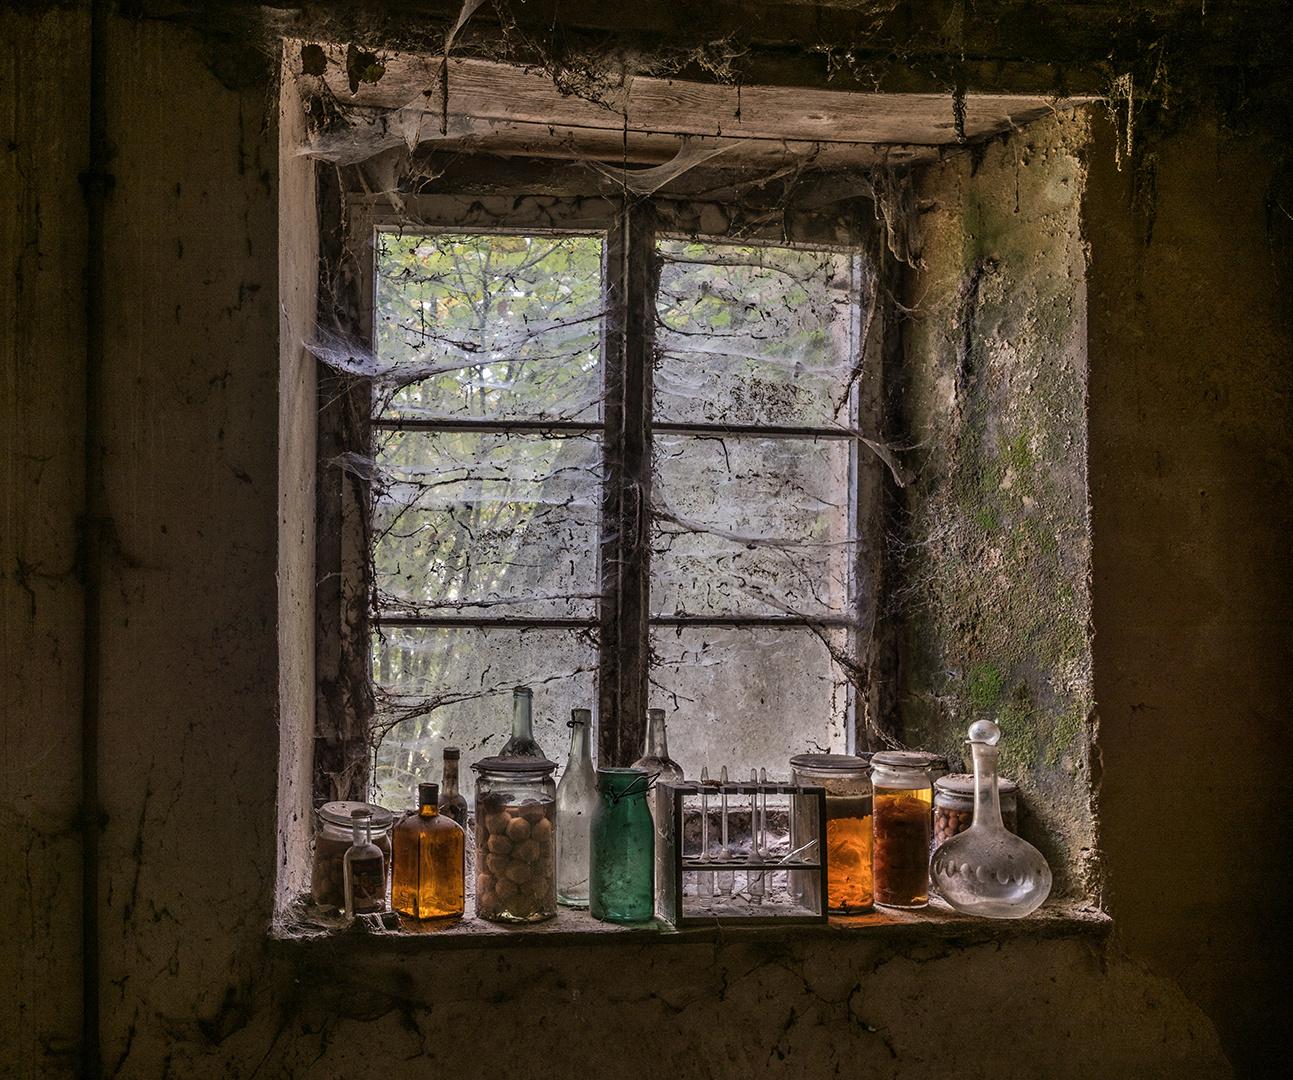 auf der Fensterbank